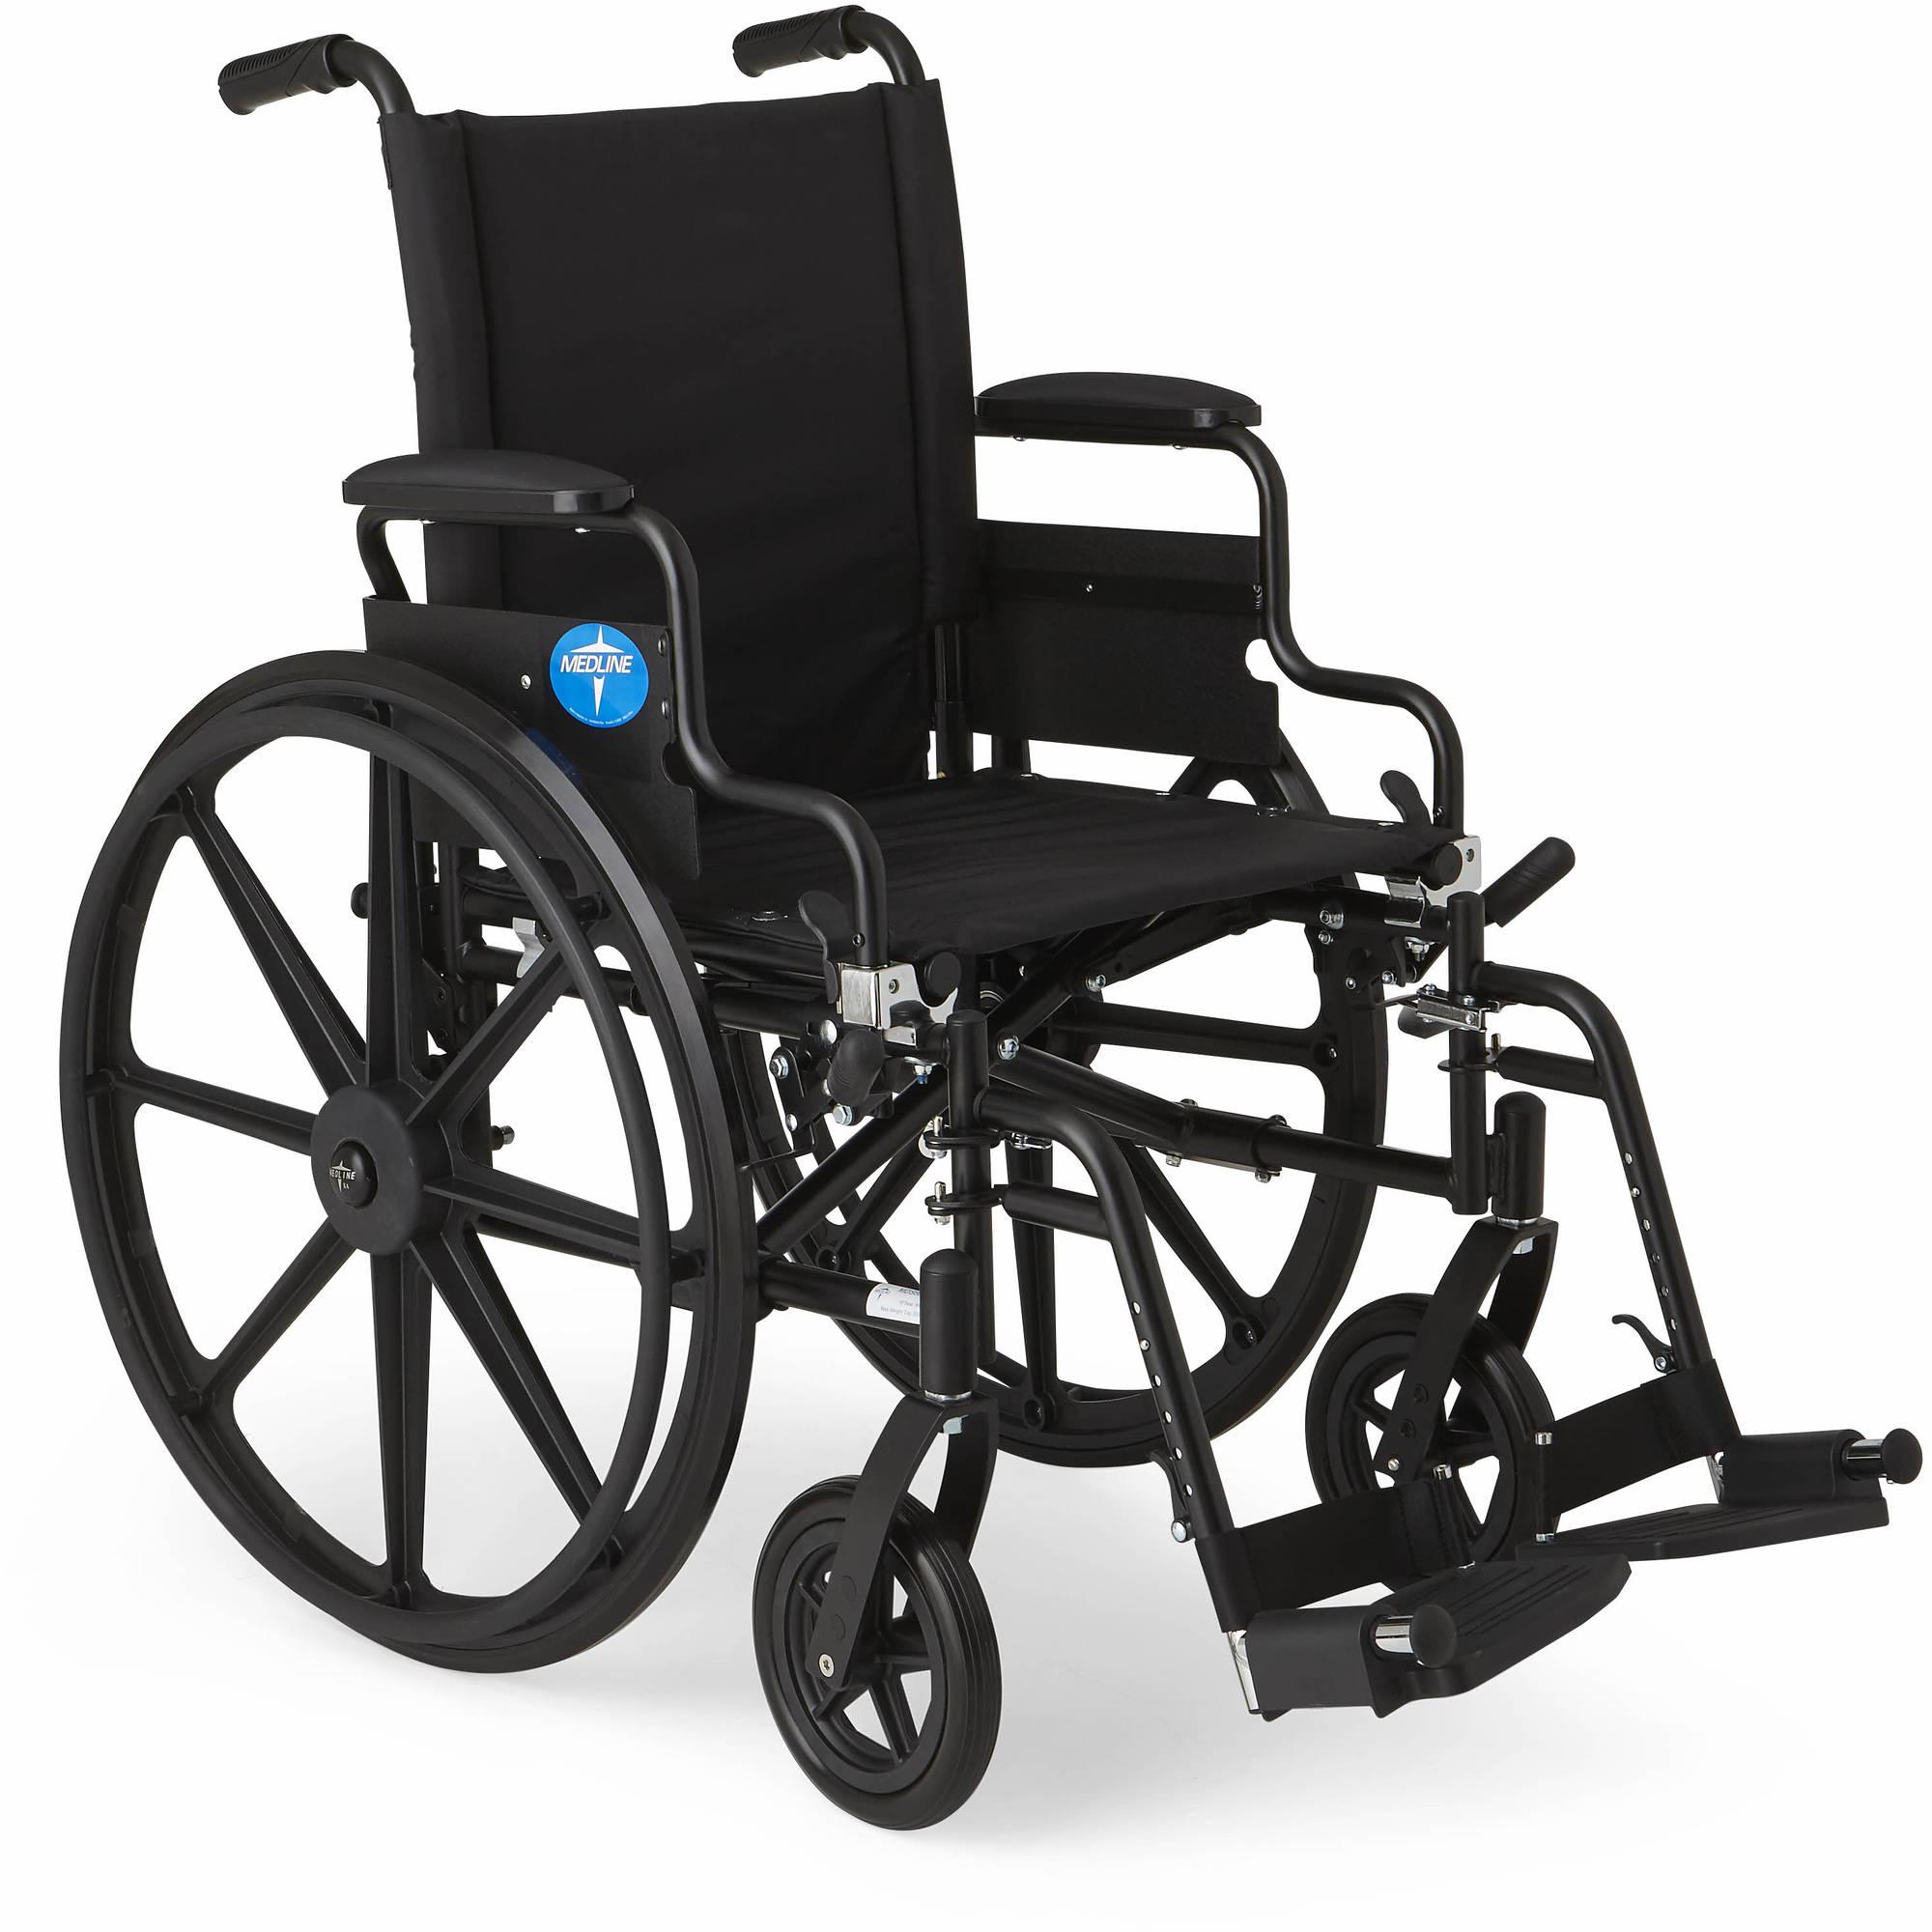 Medline's Premium Wheelchair